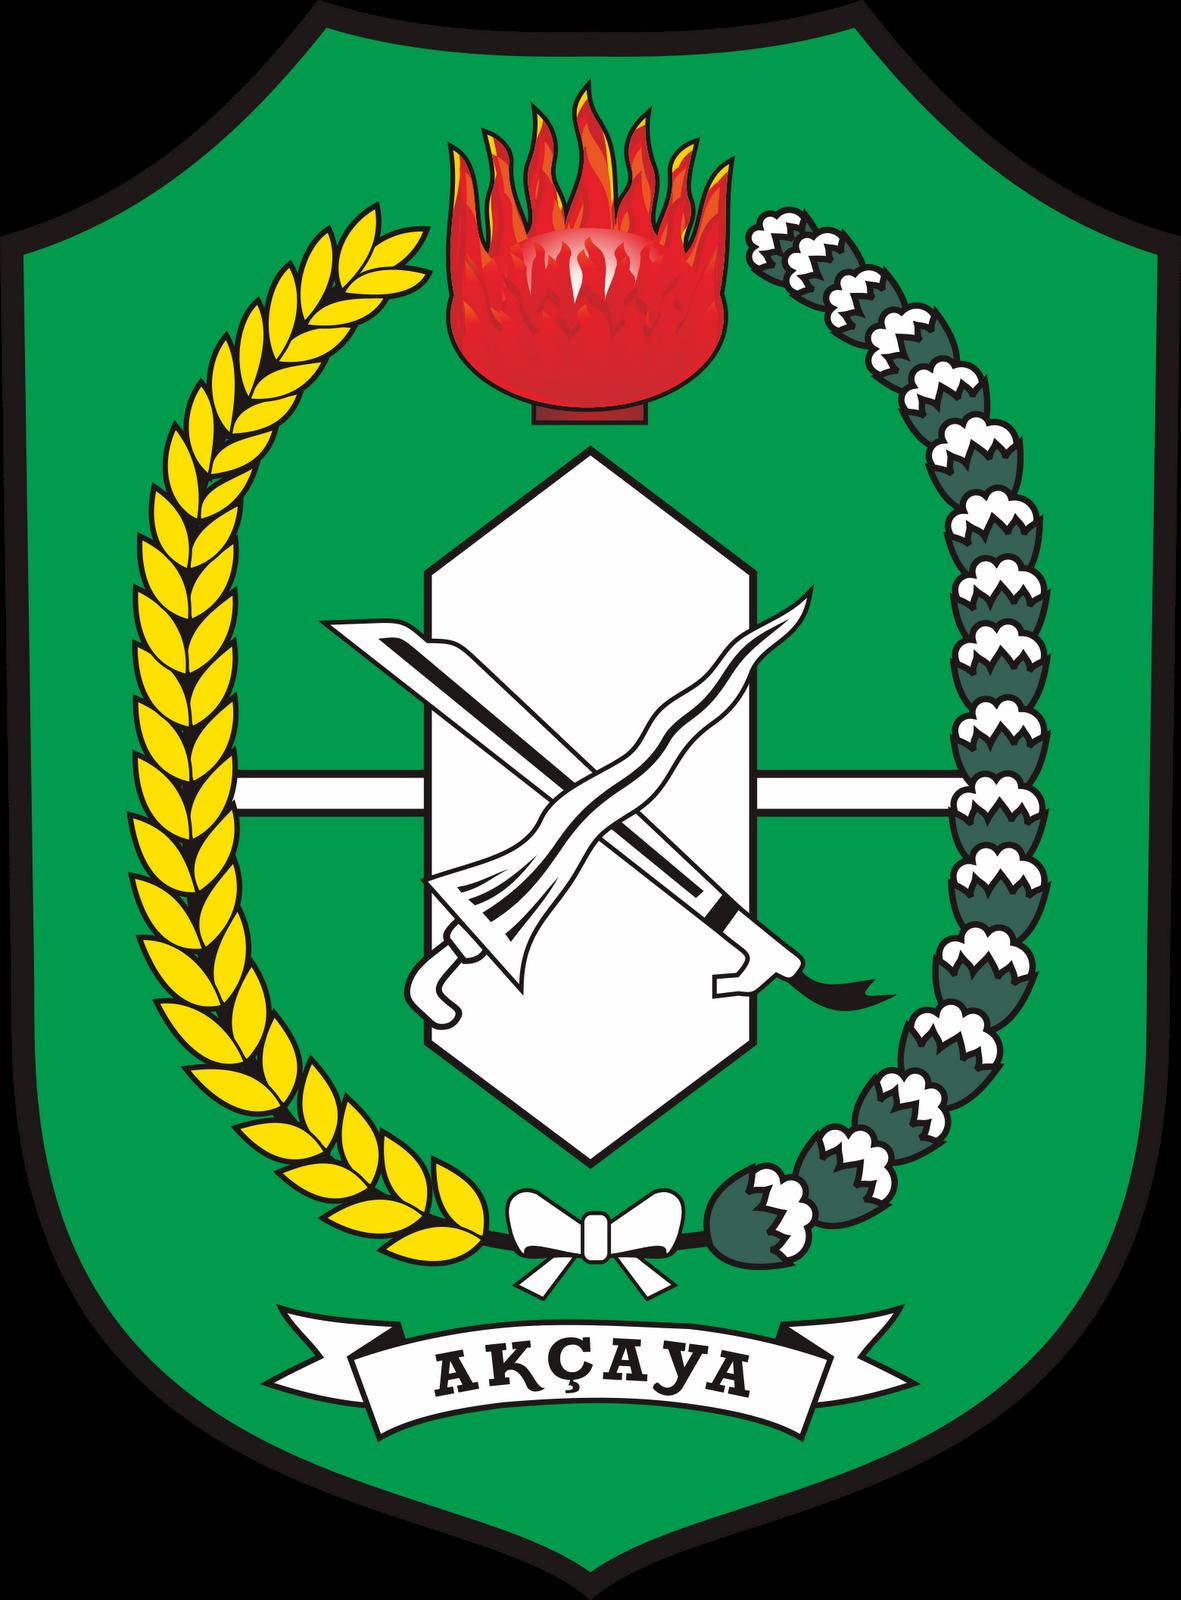 Hasil Quick Count Hitung Cepat Pilkada Pilgub Kalbar - Kalimantan Barat 2018